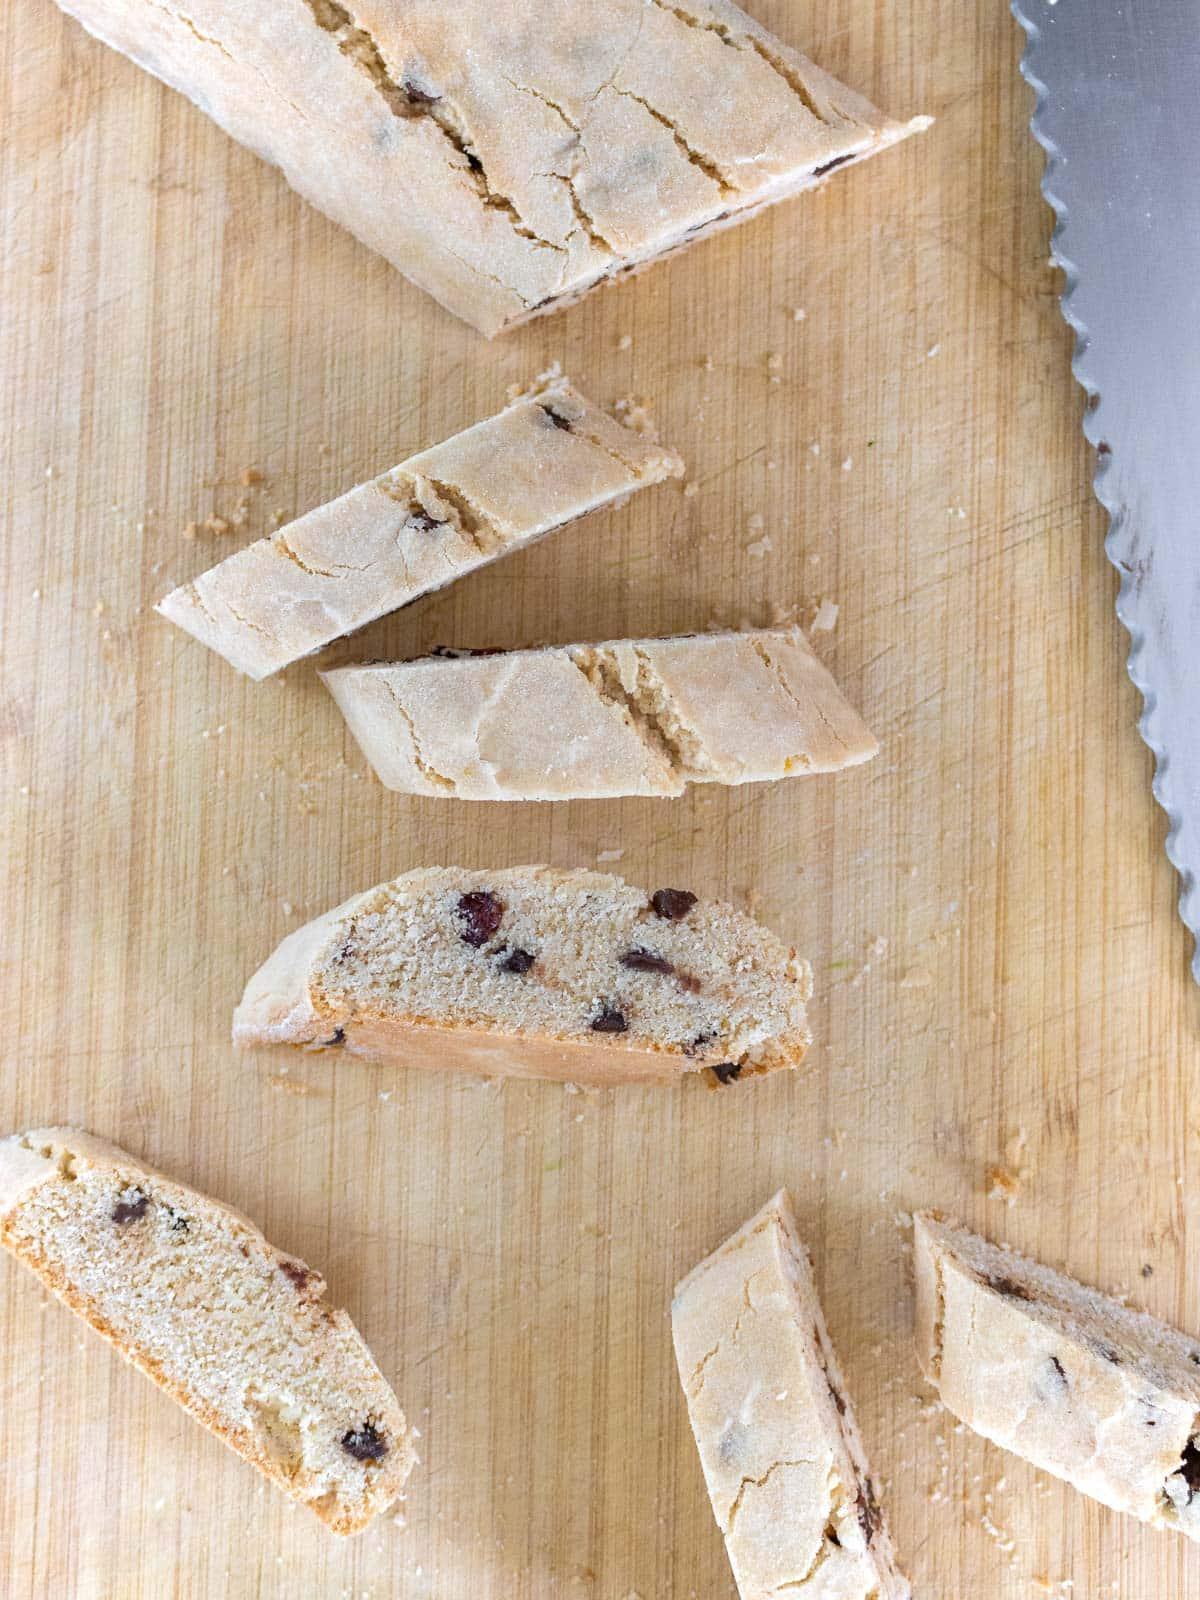 cutting the biscotti